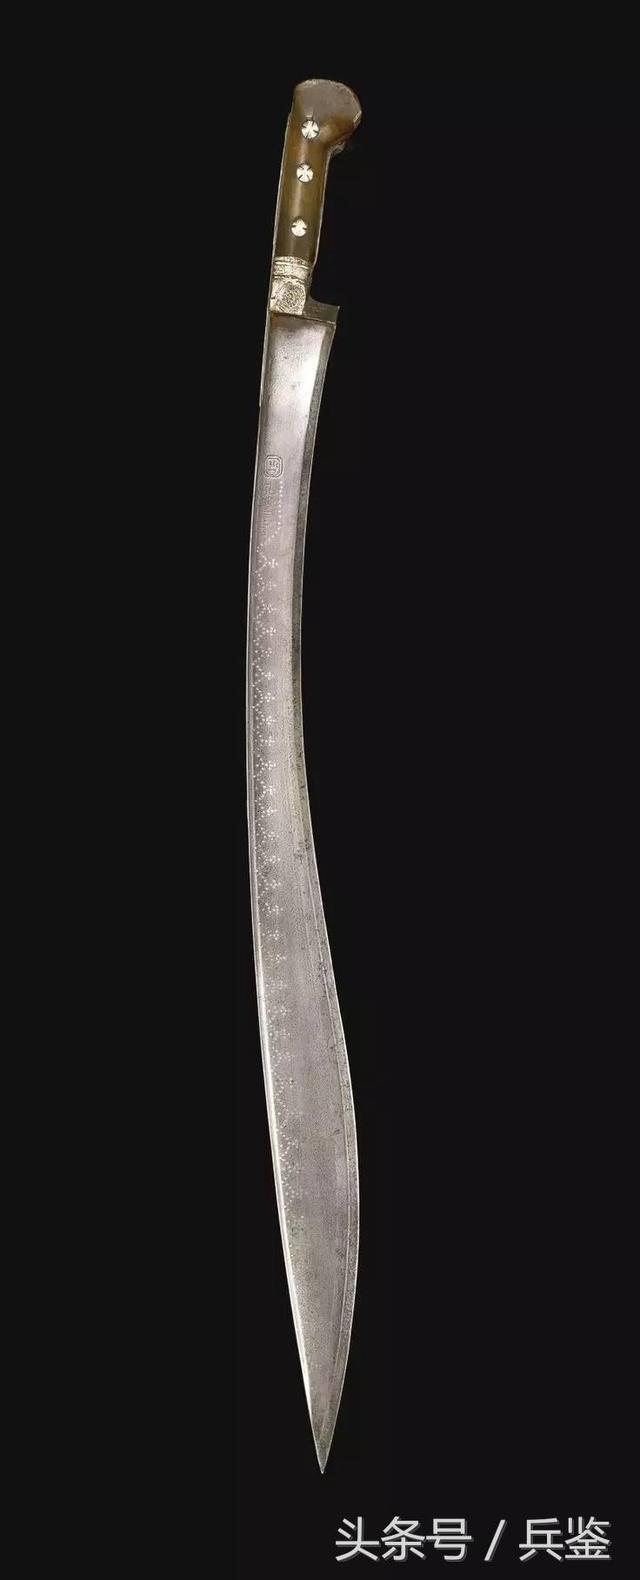 那些一輩子都可望而不可及的稀世名品刀劍 - 每日頭條